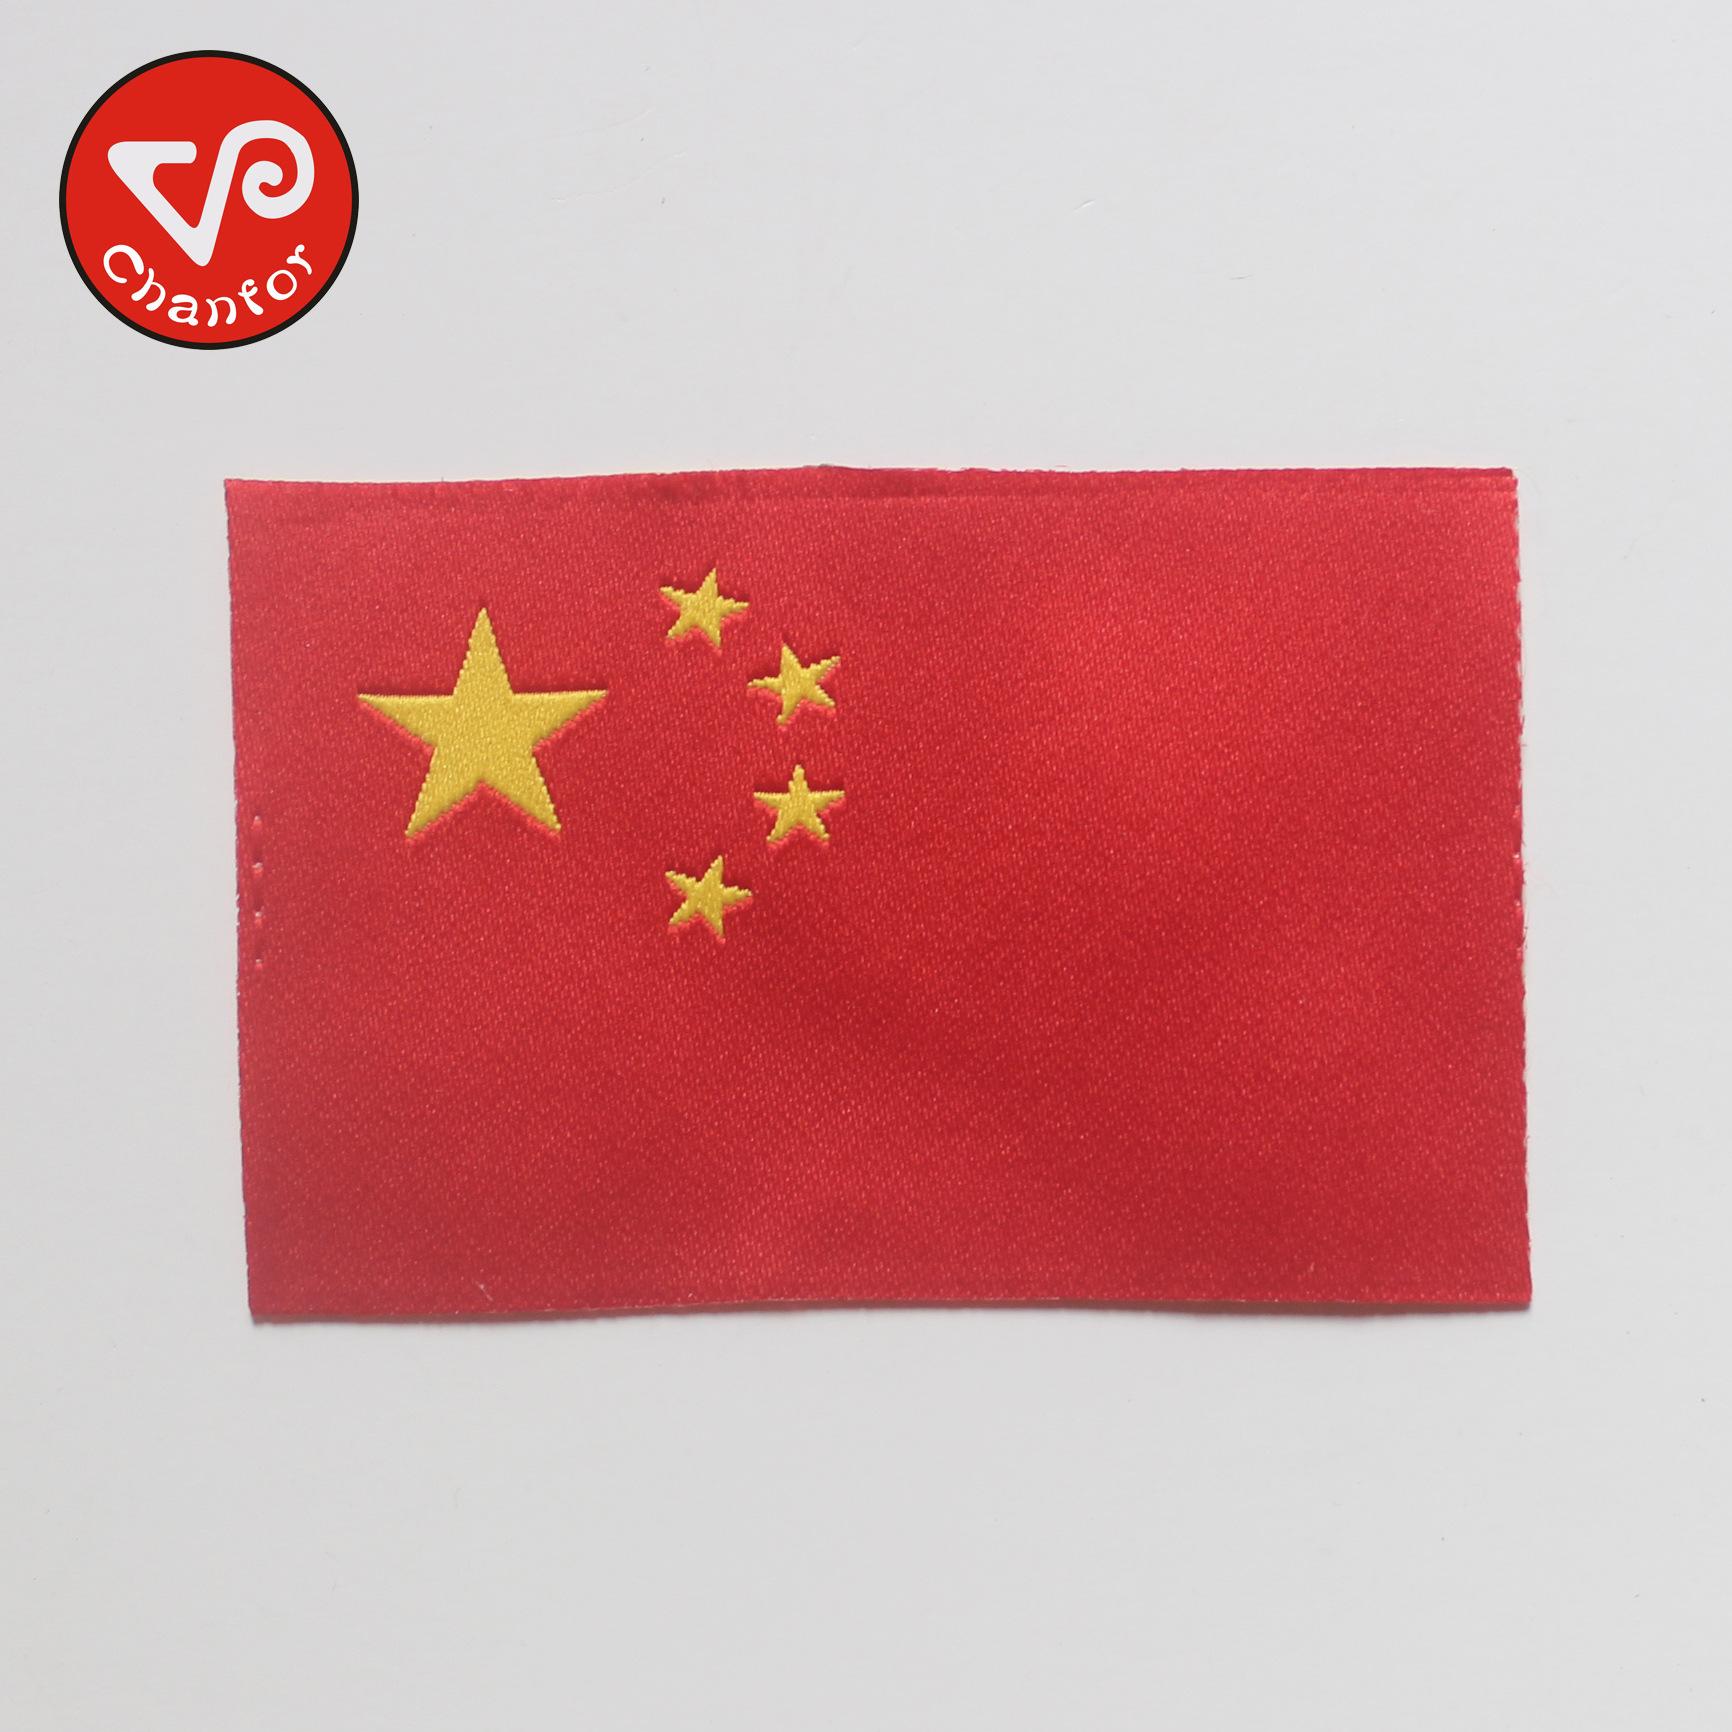 高品质五星红旗中国国旗布贴 服装补丁手工装饰 织唛布标厂家定做